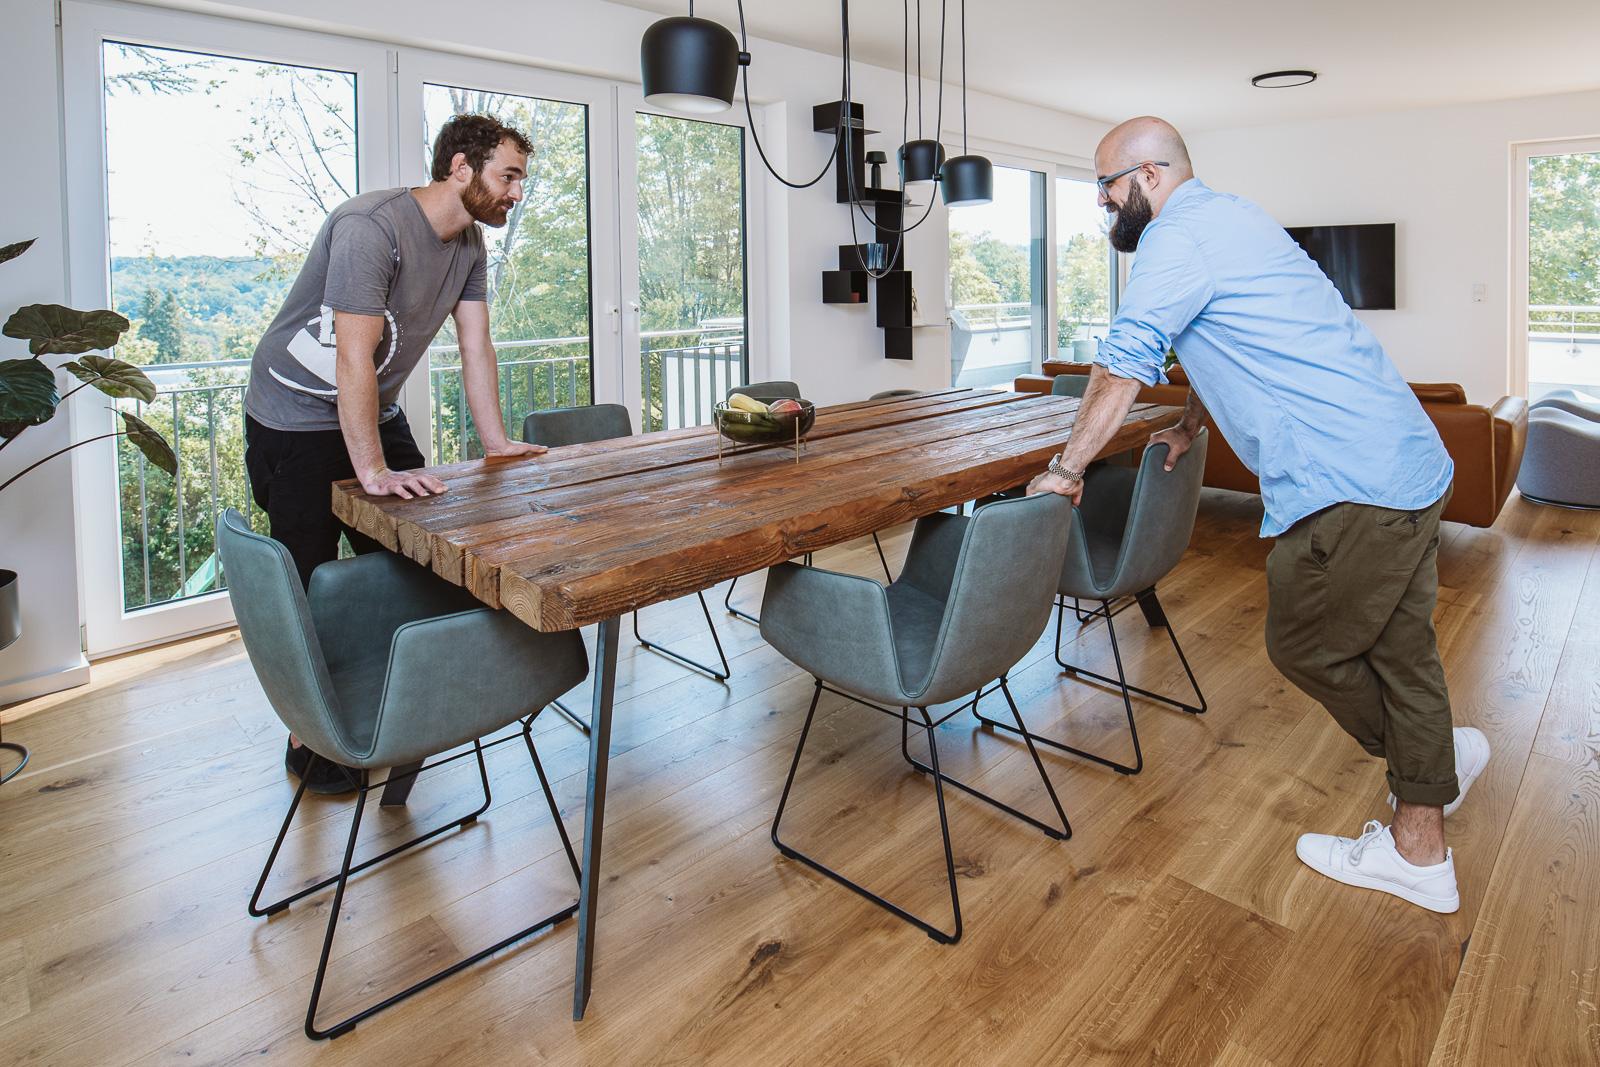 Unternehmensfotograf Bernadett Yehdou - Schreiner von T&R räumegestalten - Kunde freut sich über tollen Tisch